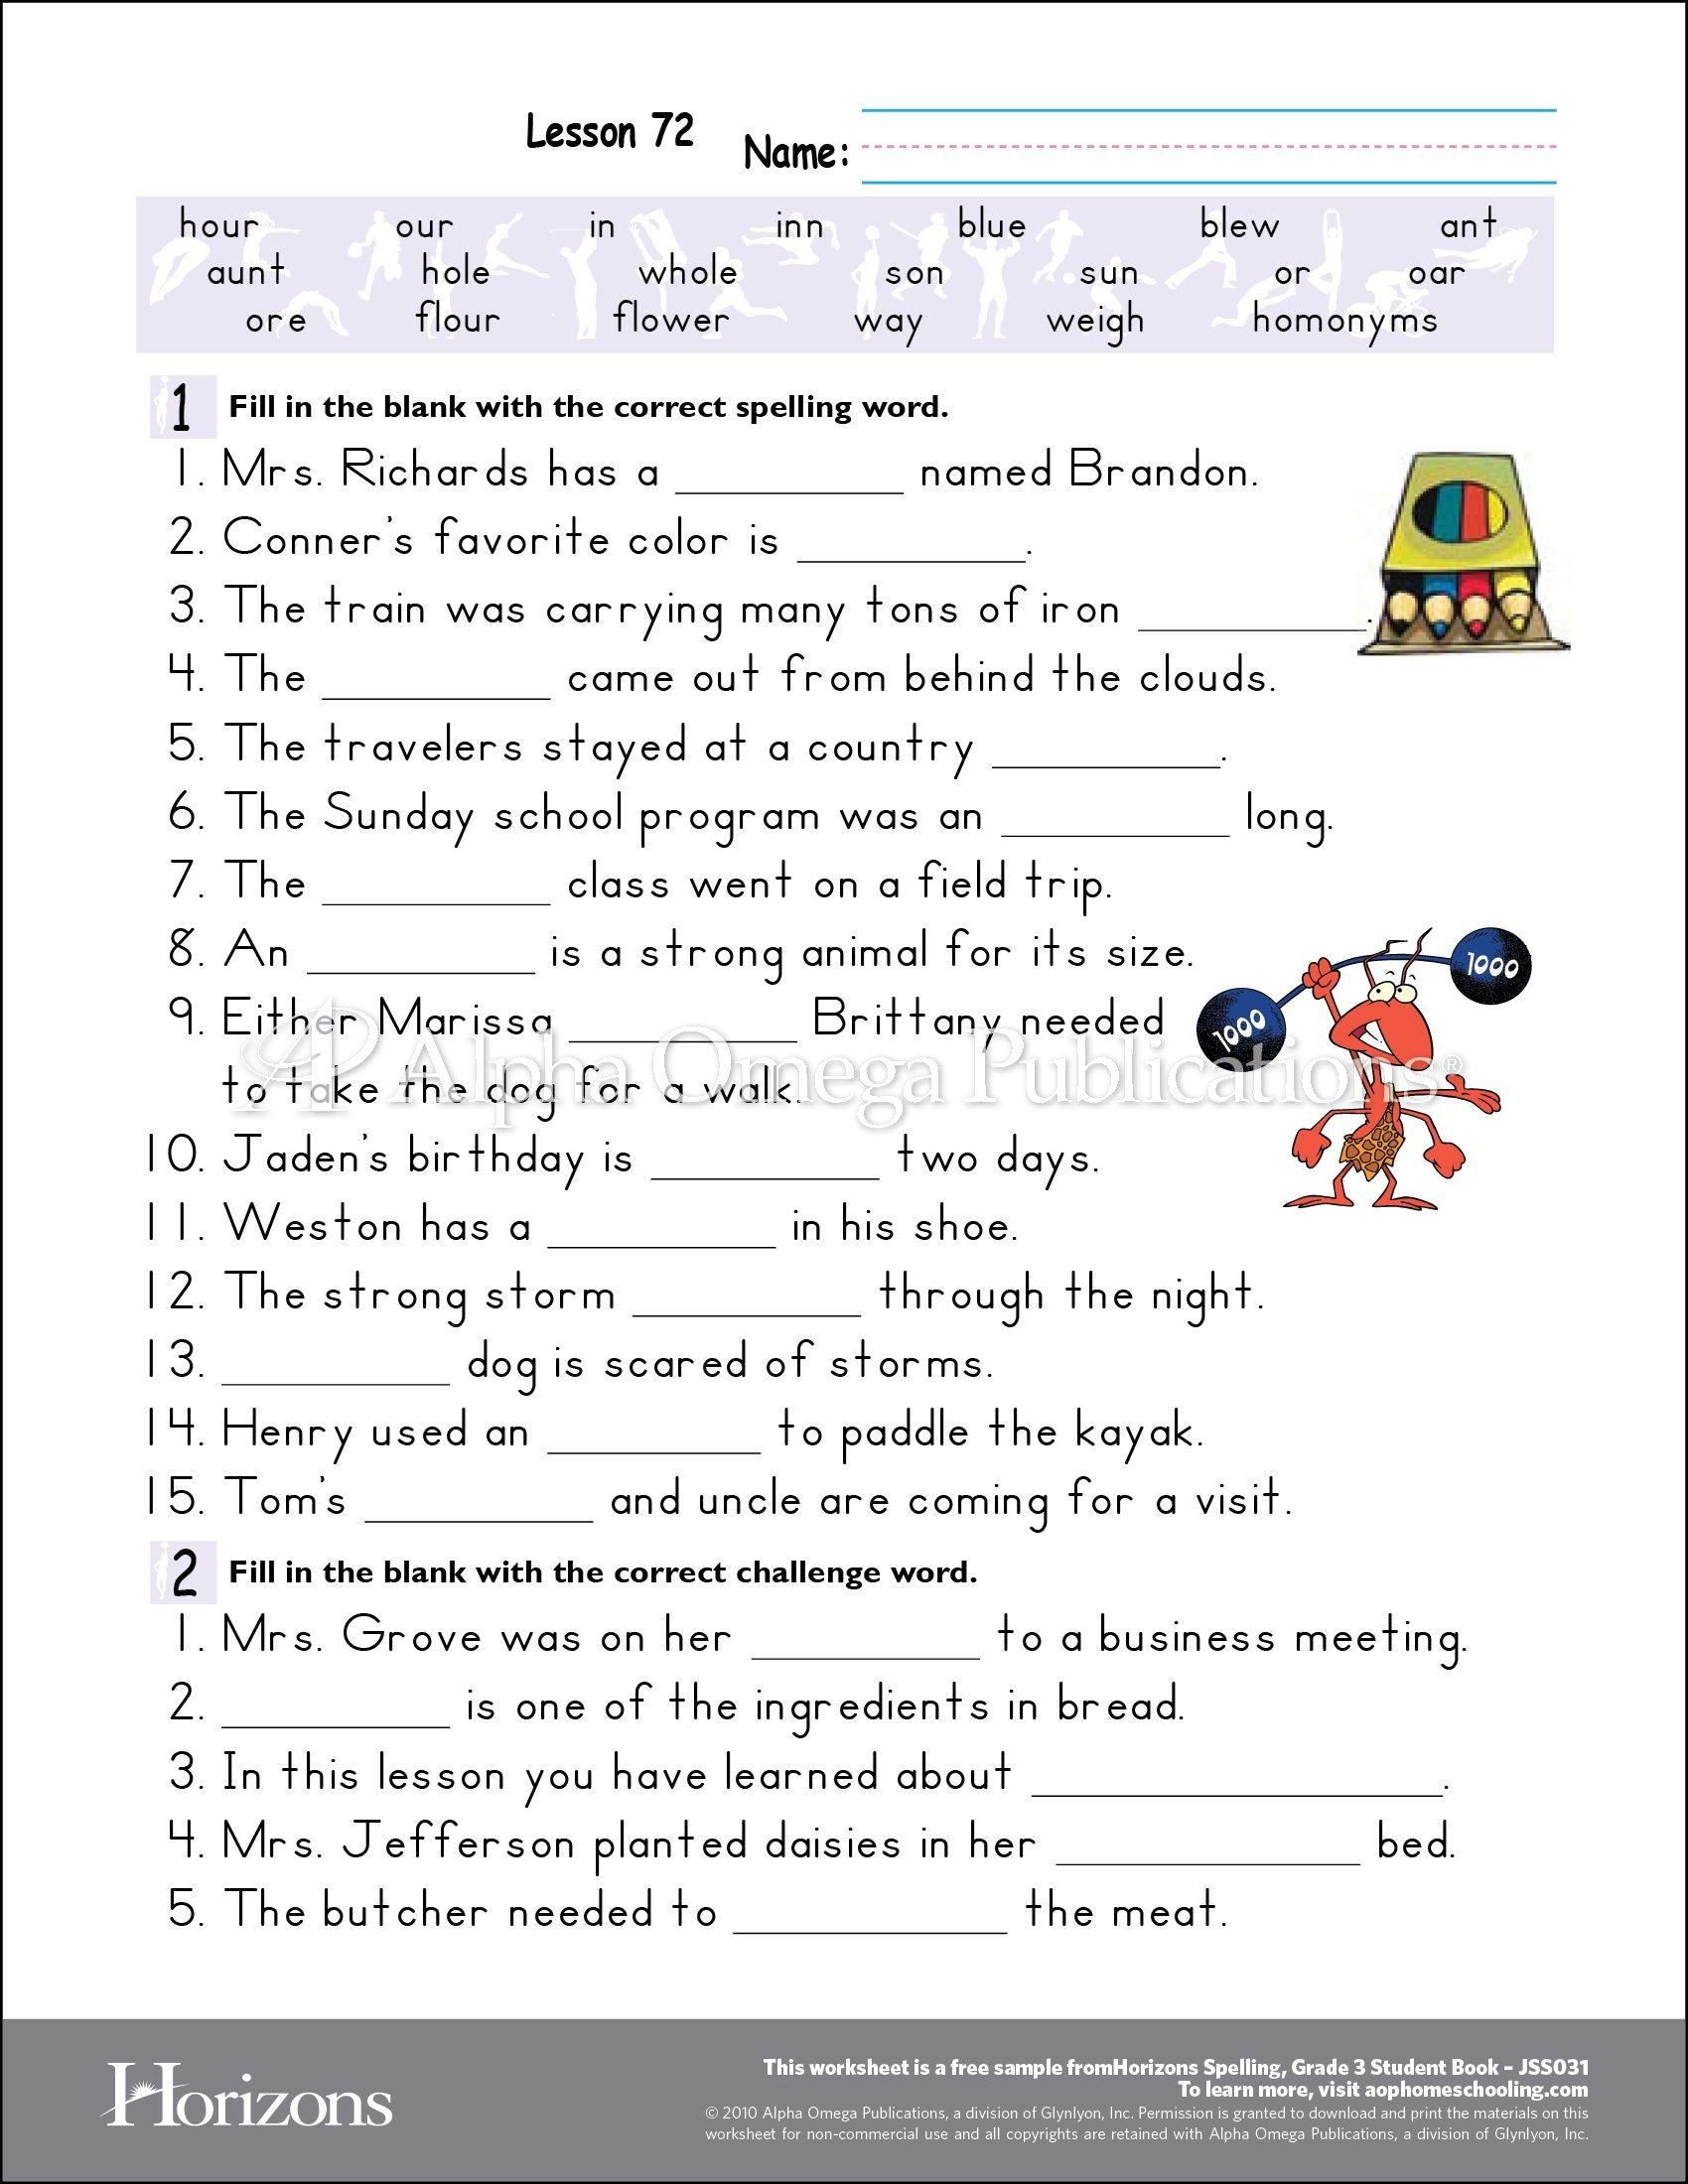 Aop Horizons Free Printable Worksheet Sample Page Download For - Free Homeschool Printable Worksheets